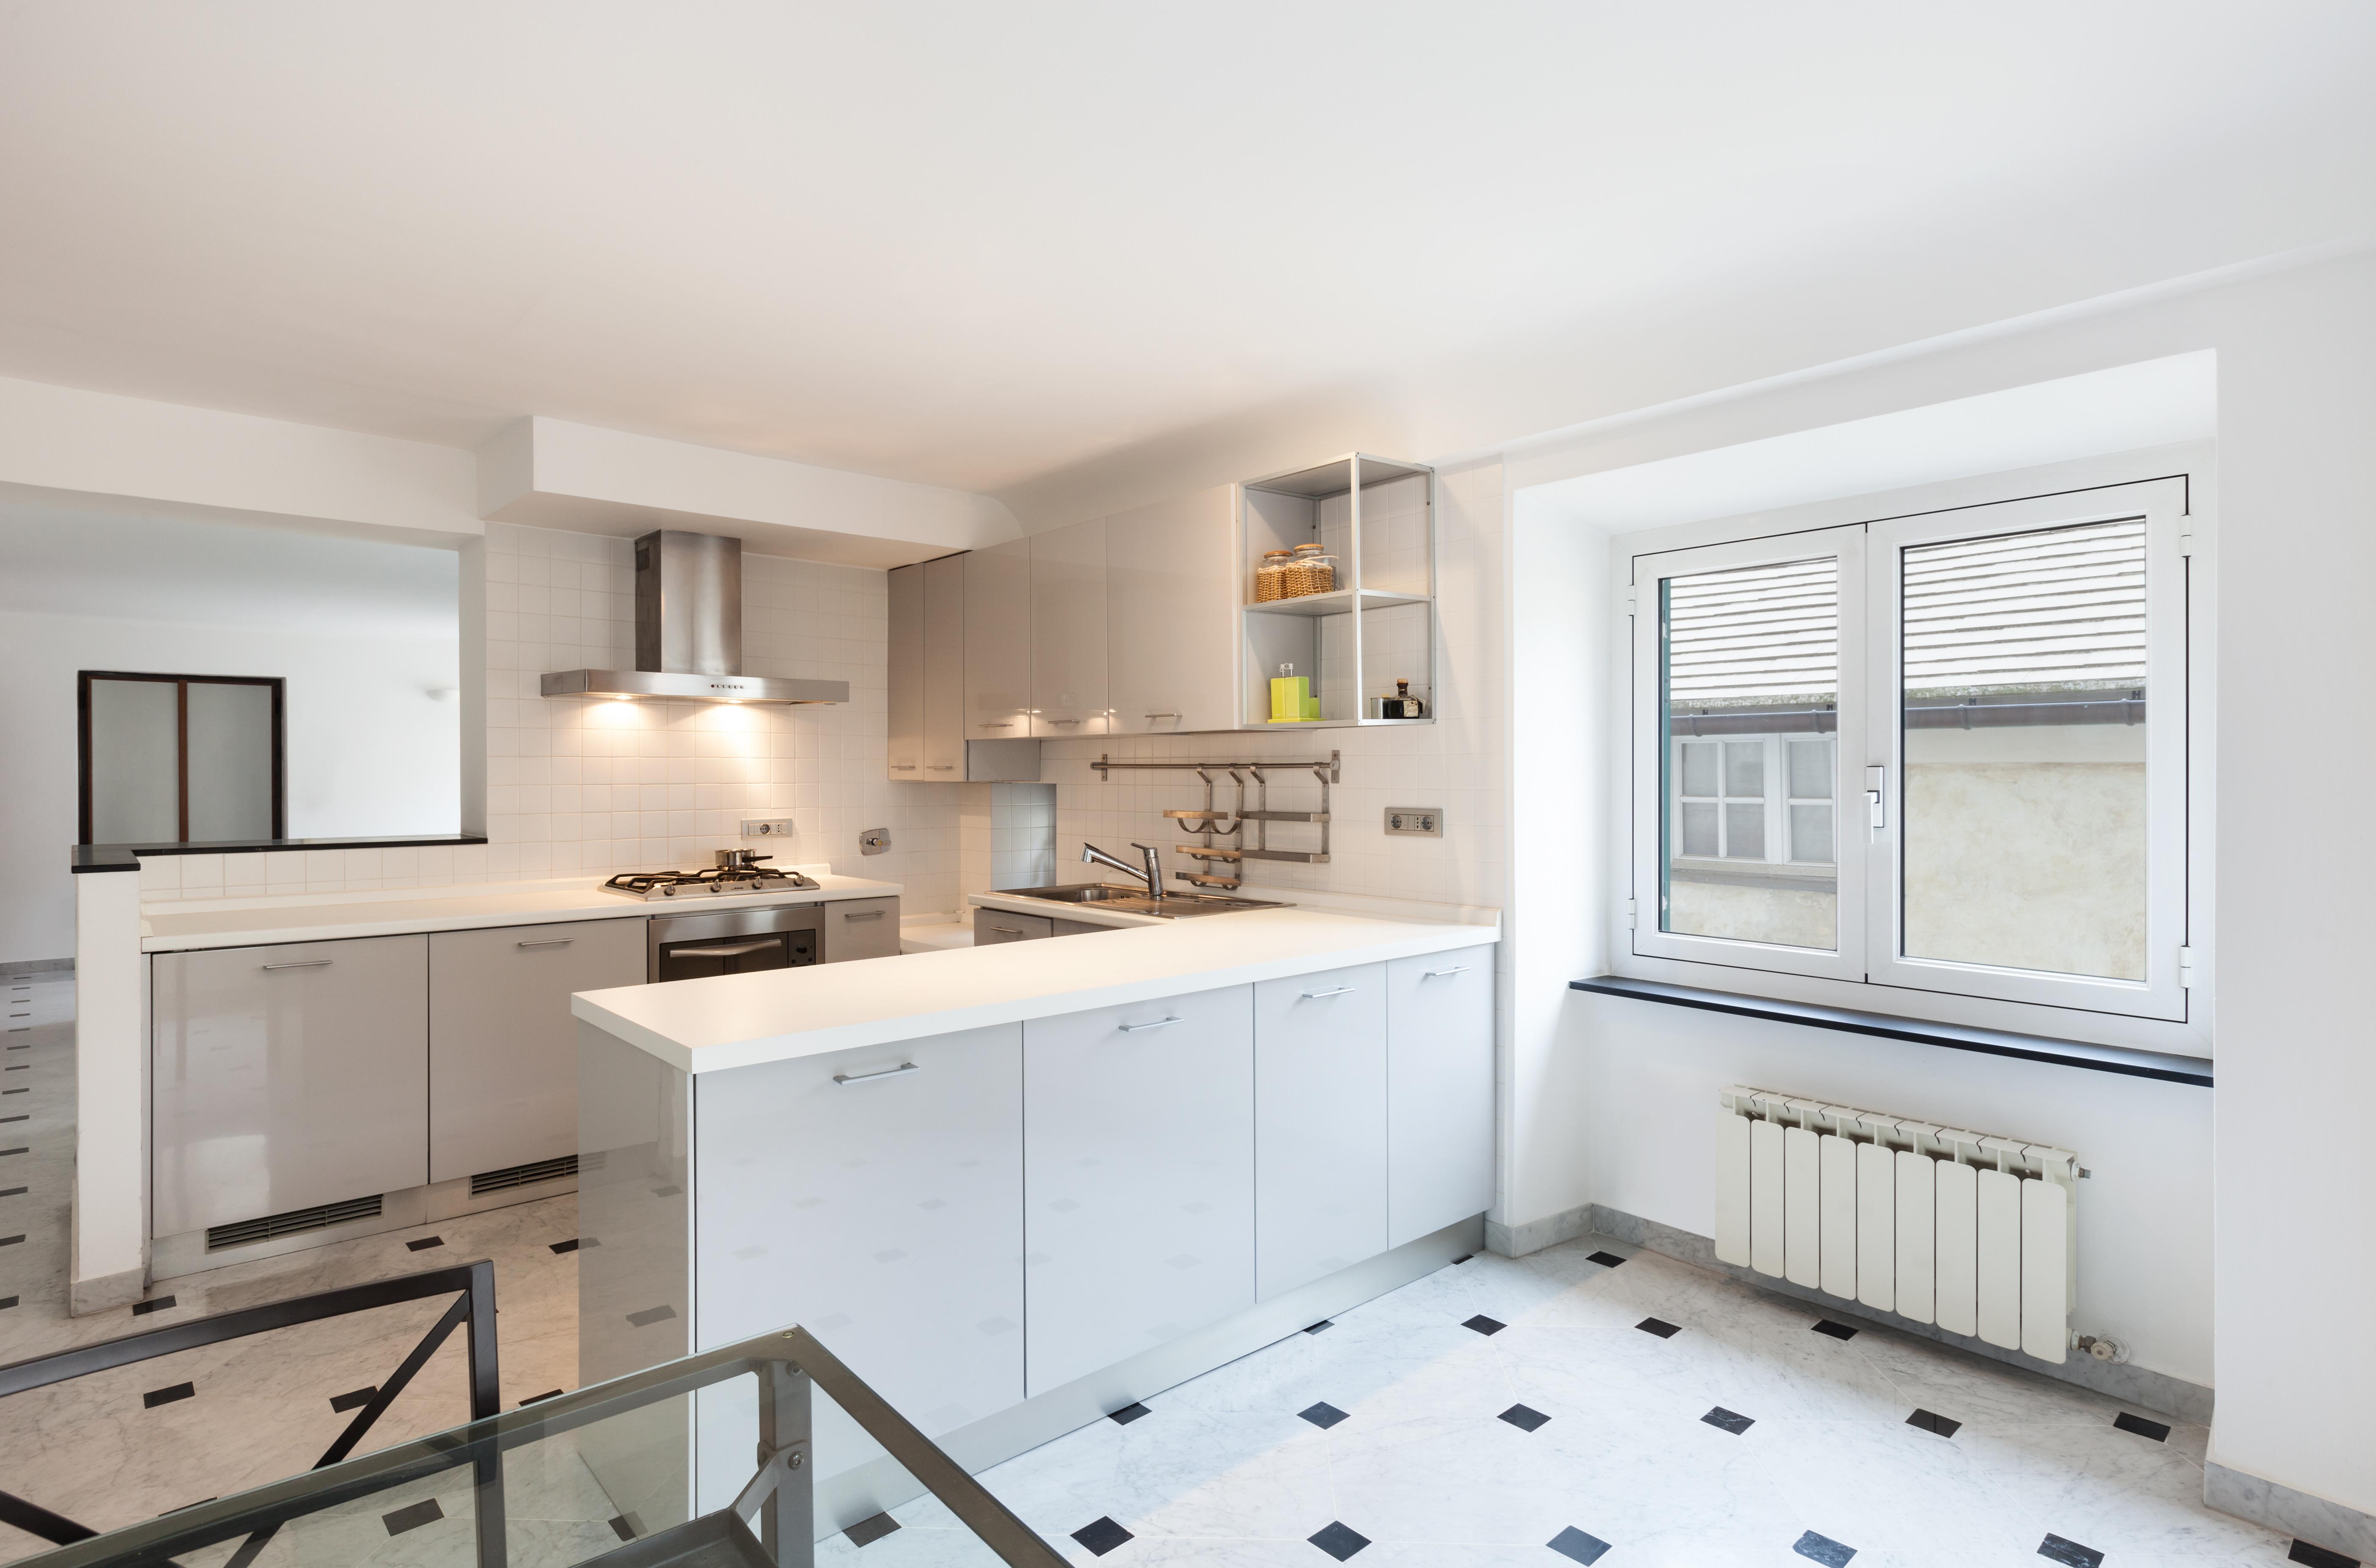 cucina soggiorno in poco spazio